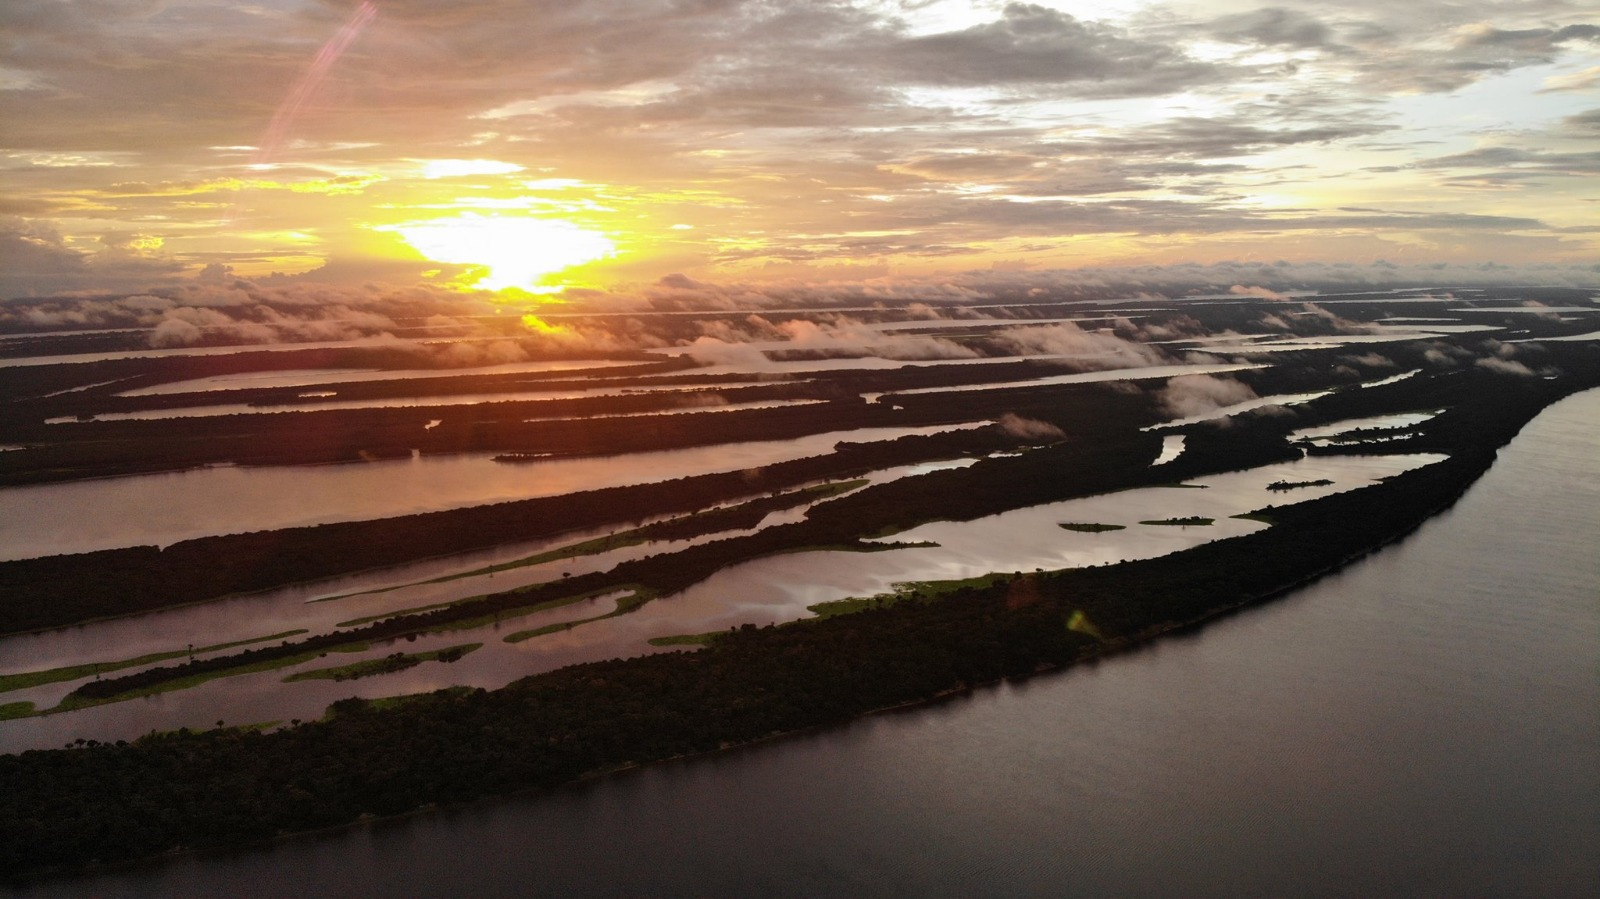 coucher-de-soleil-archipel-anavilhanas